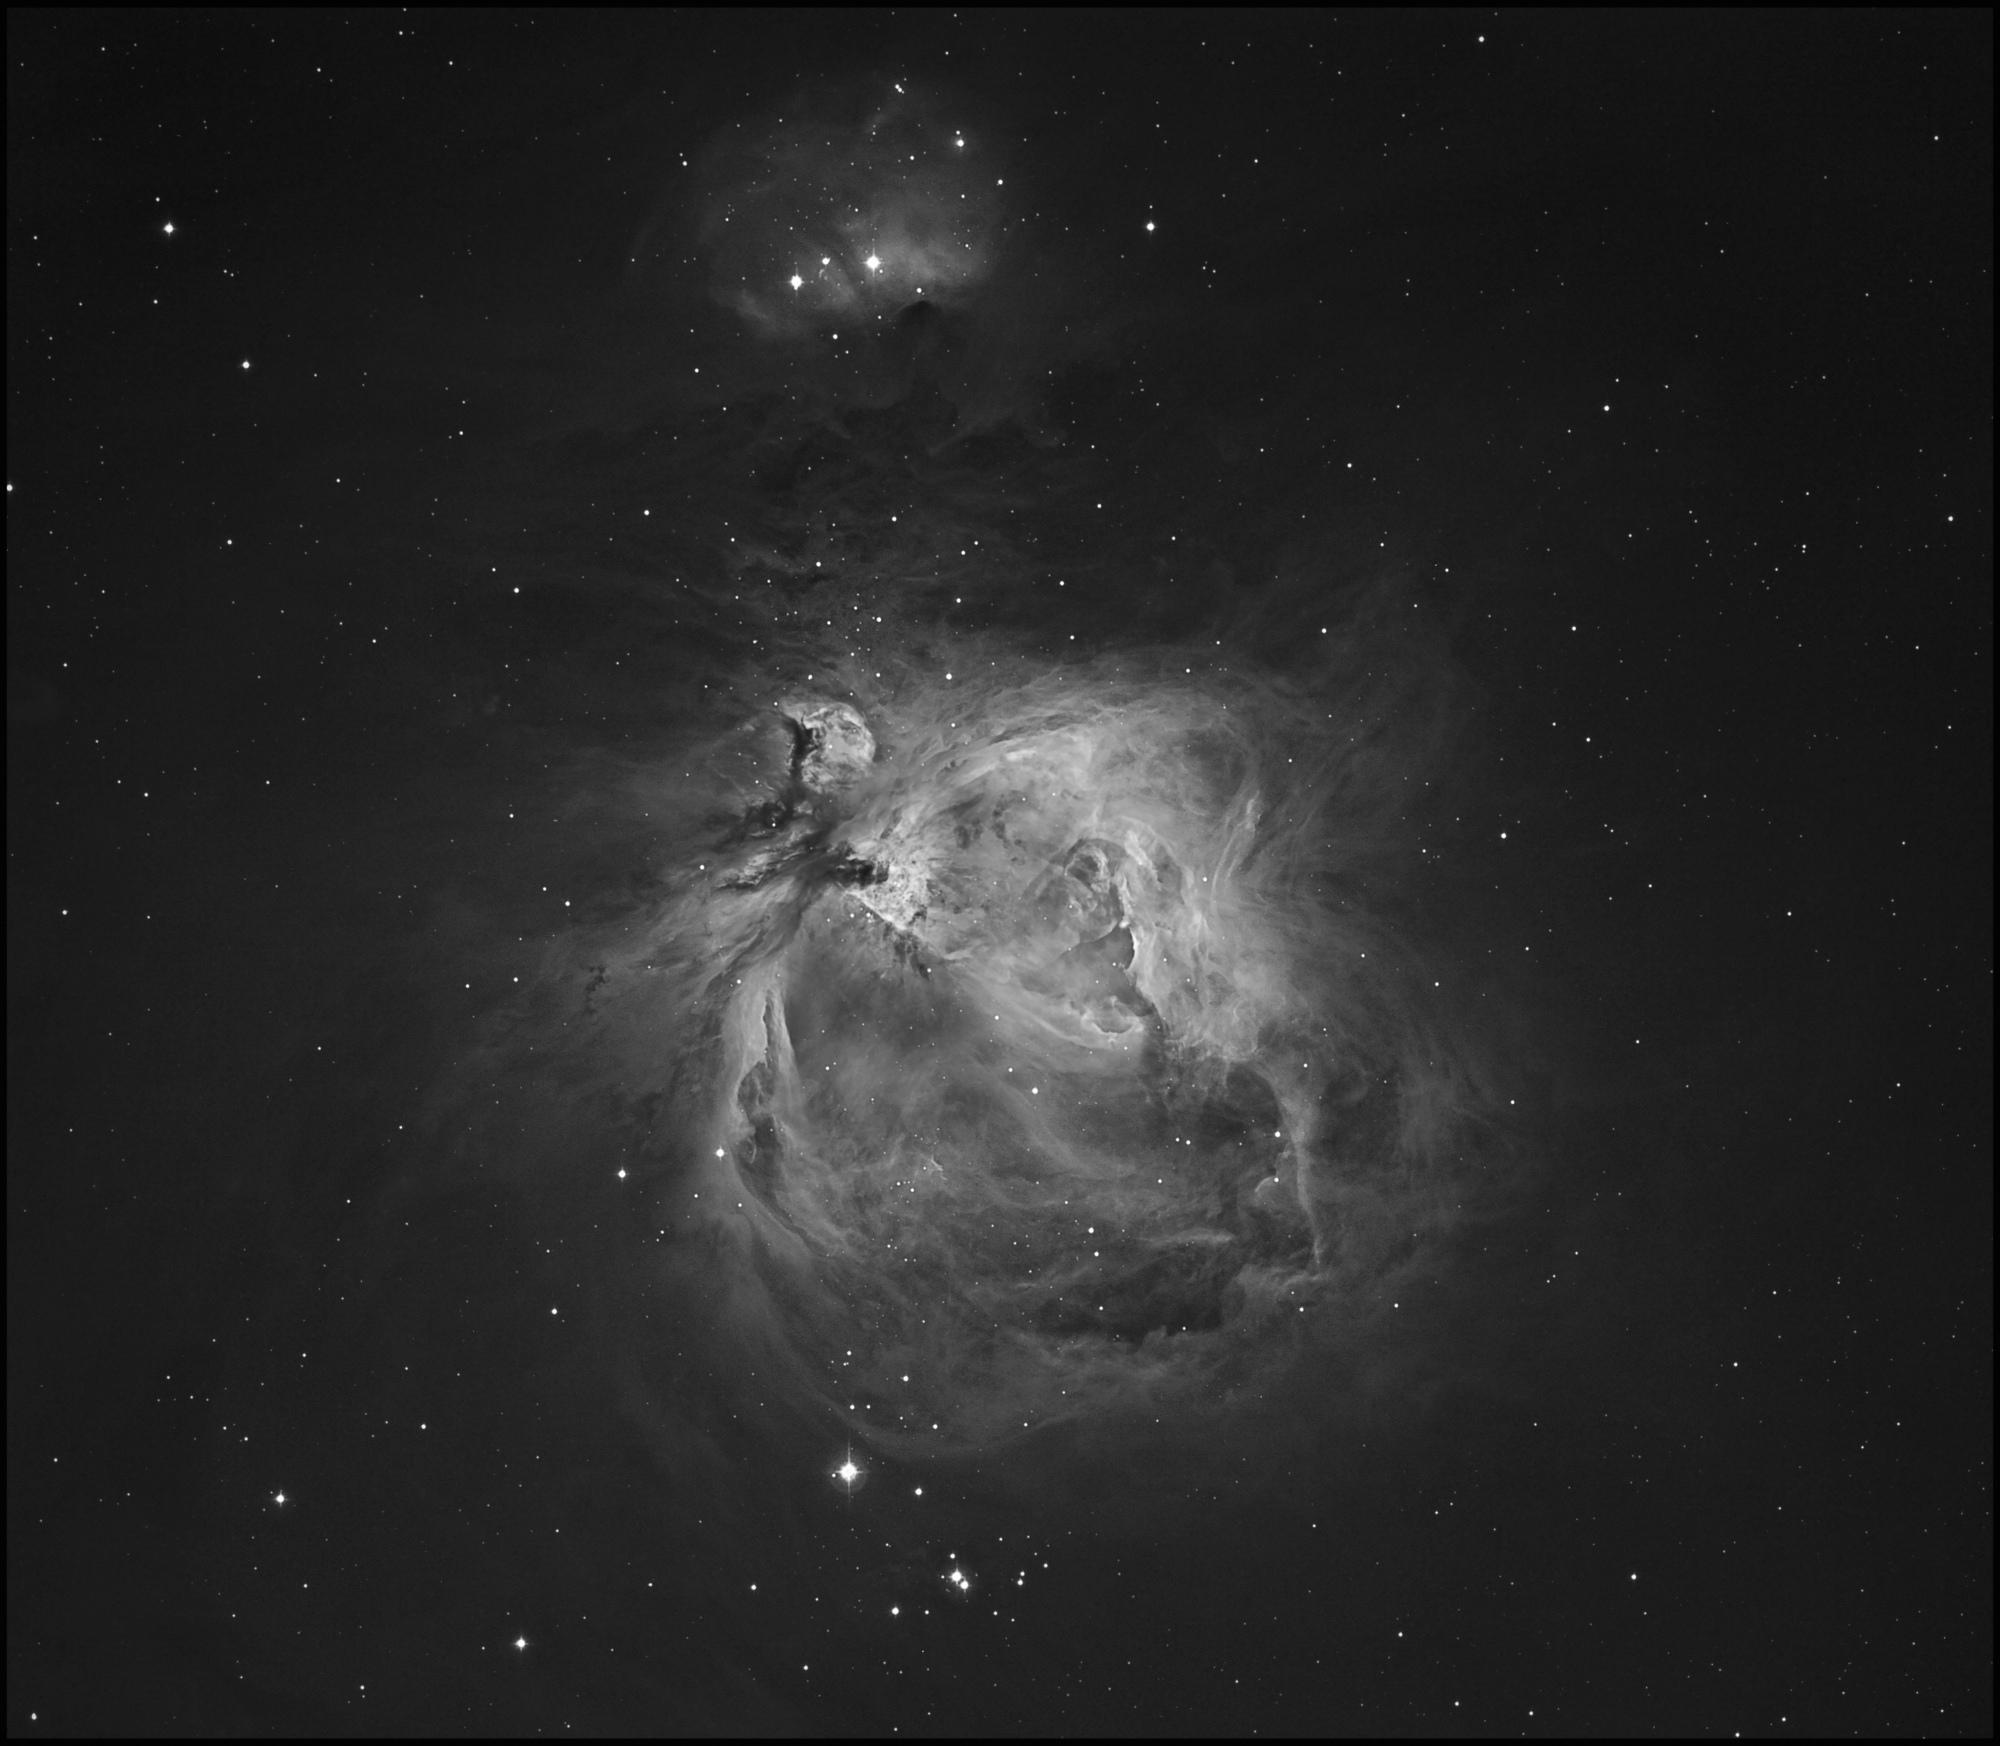 M42_4h_Ha.jpg